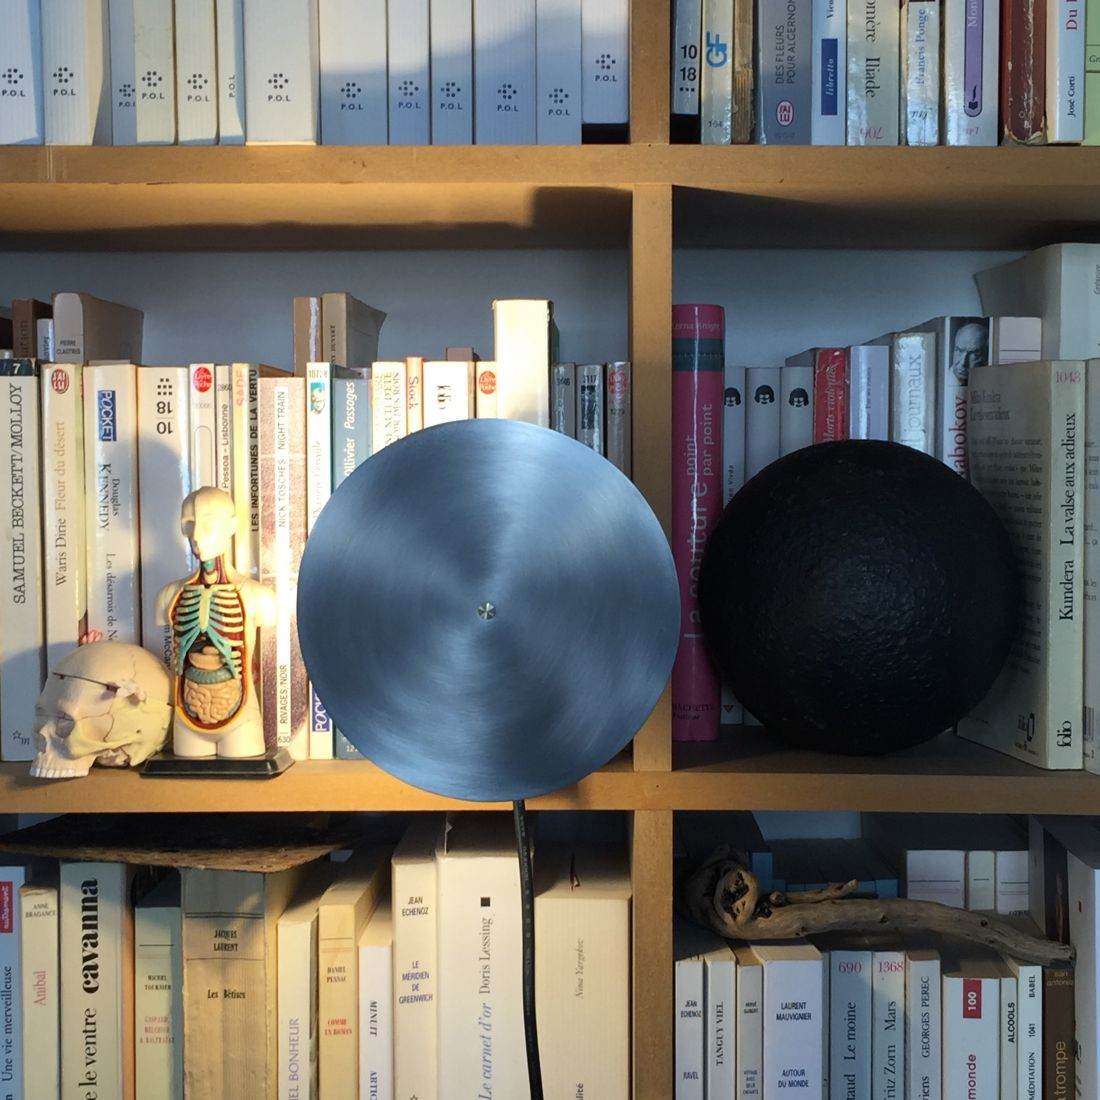 - Des lampes - Axel Loiselet